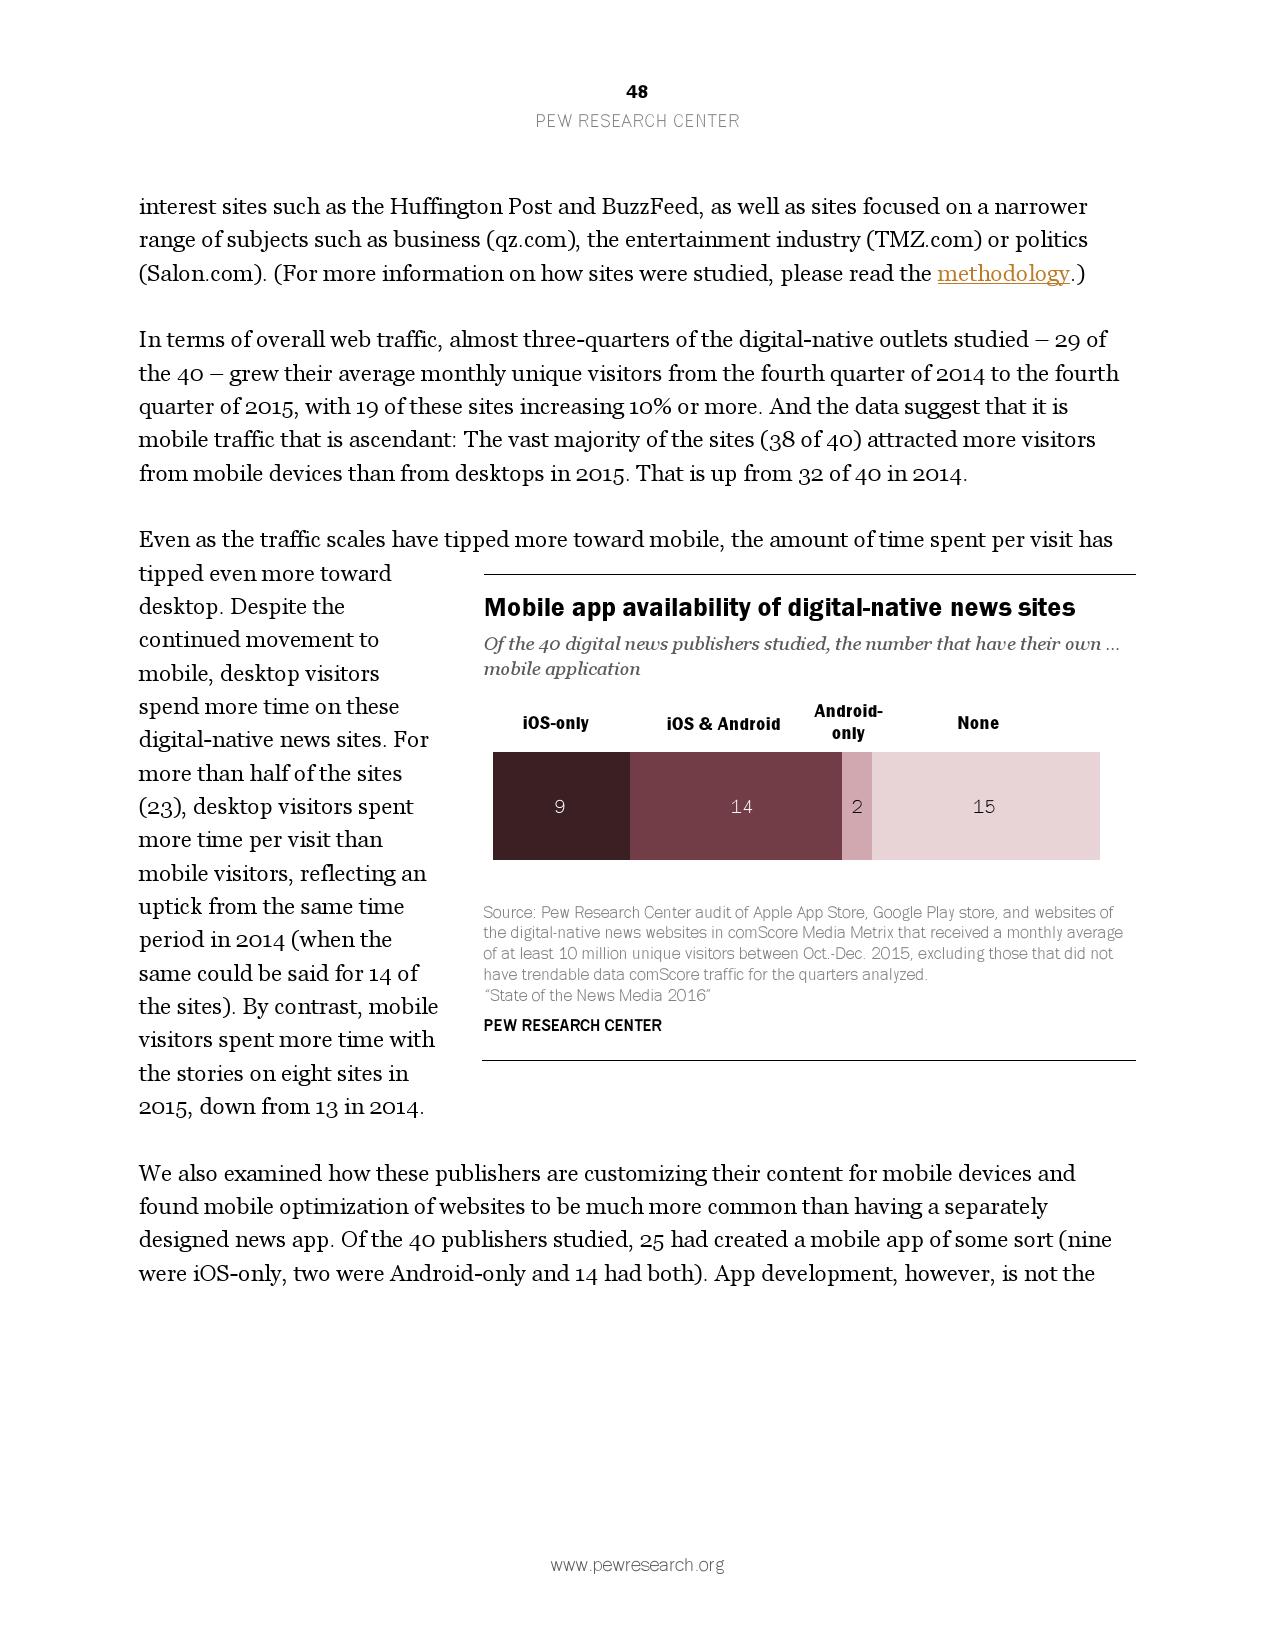 2016美国新媒体研究报告_000048